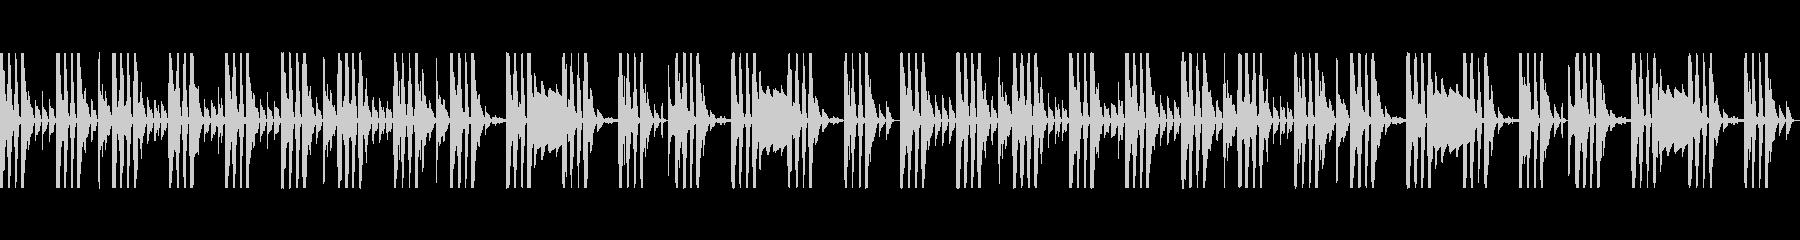 【ループ可】Futurebassインストの未再生の波形